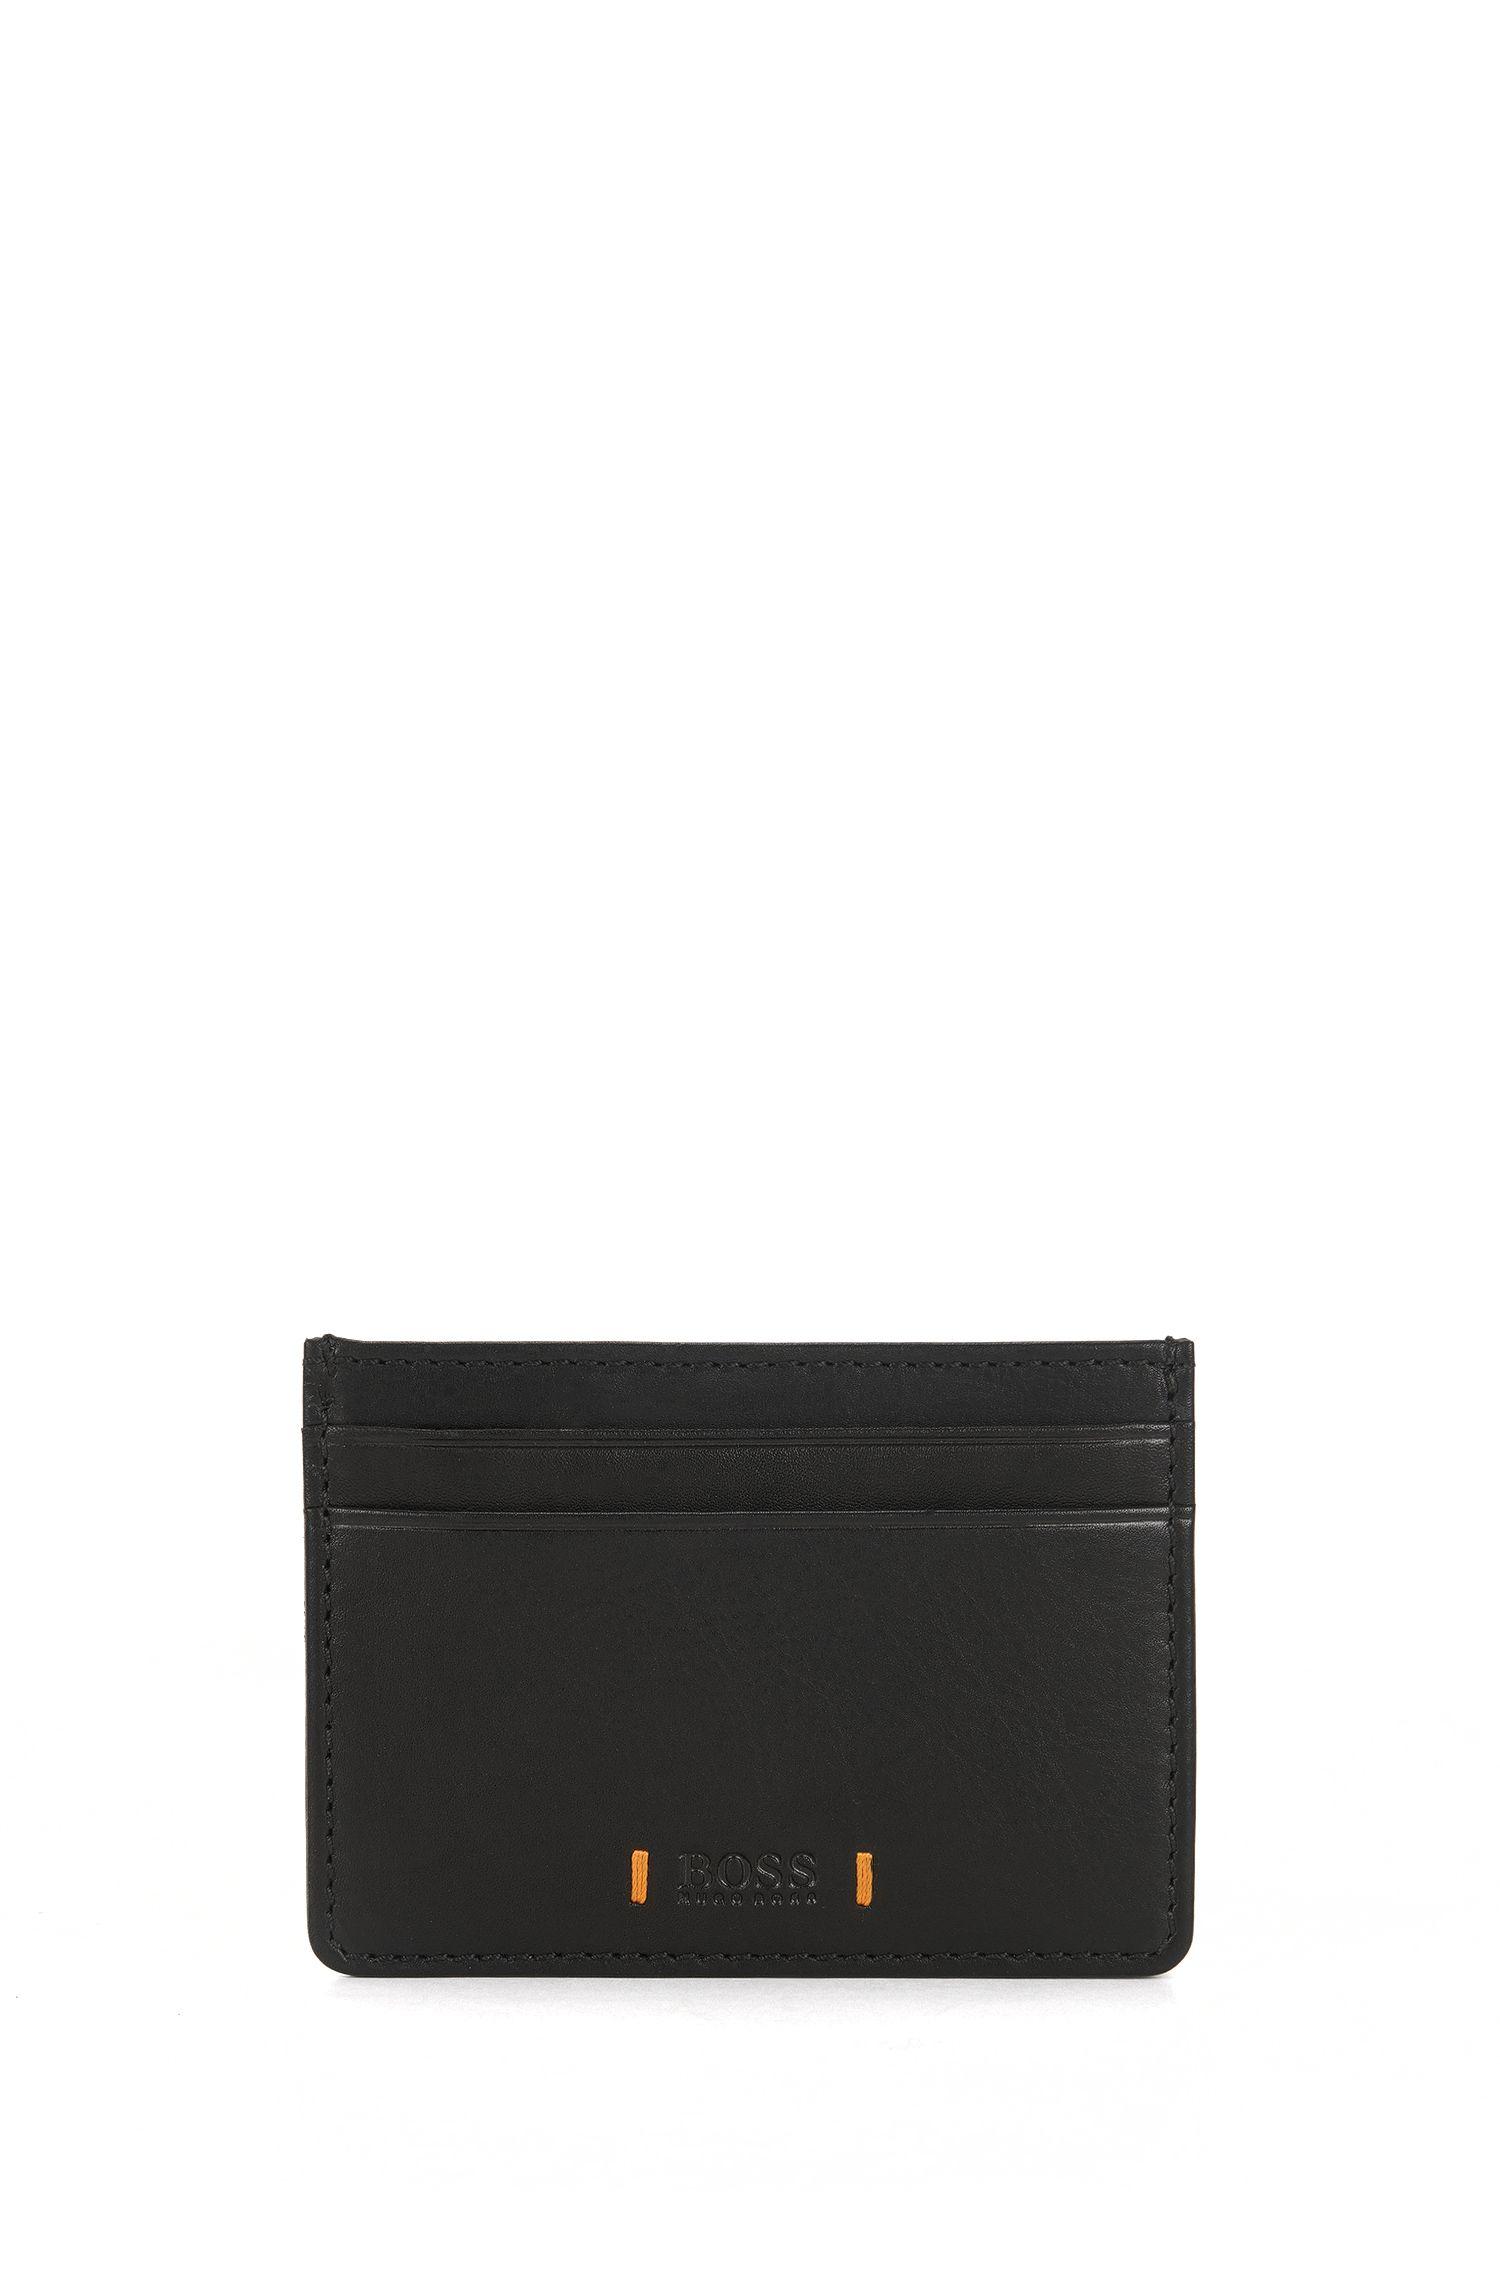 Kartenetui aus Leder mit charakteristischen Naht-Details